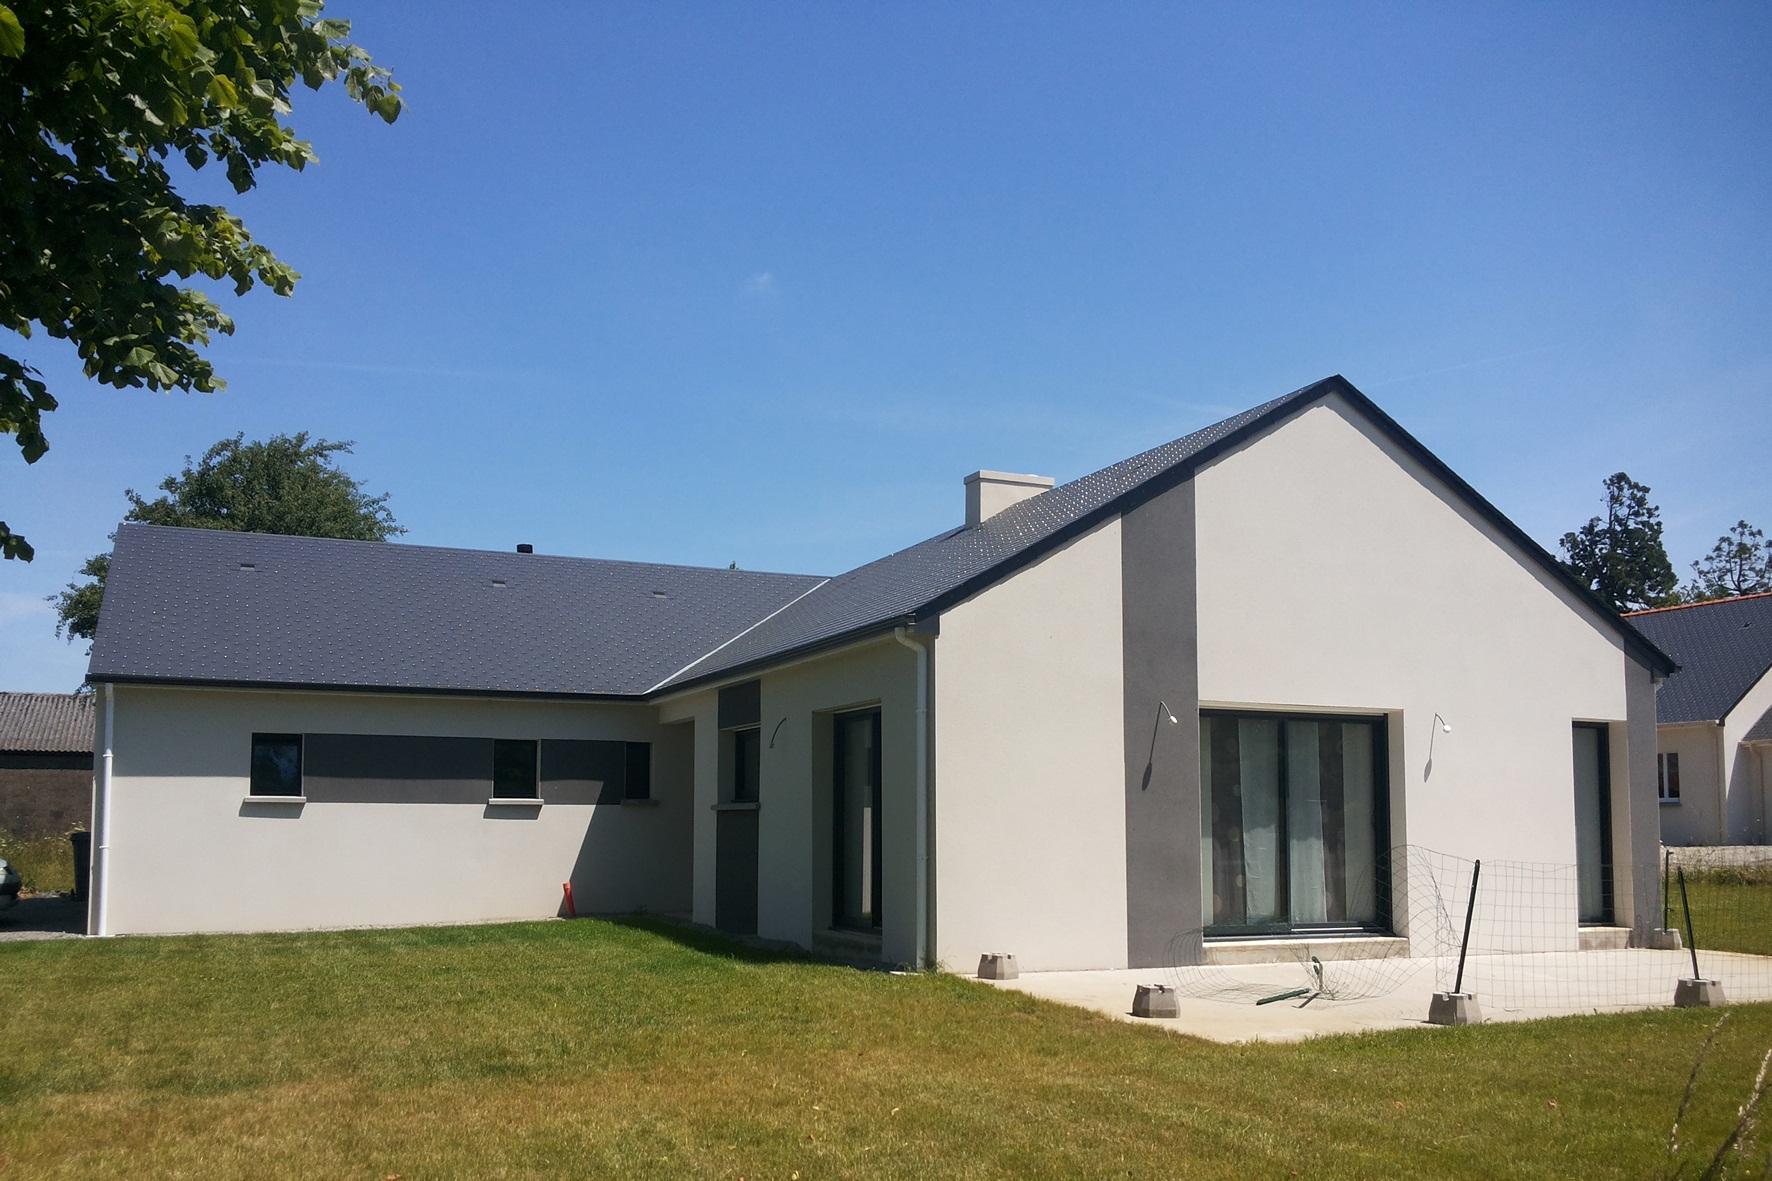 Maisons + Terrains du constructeur MAISON FAMILIALE RENNES • 94 m² • CHATEAUBOURG